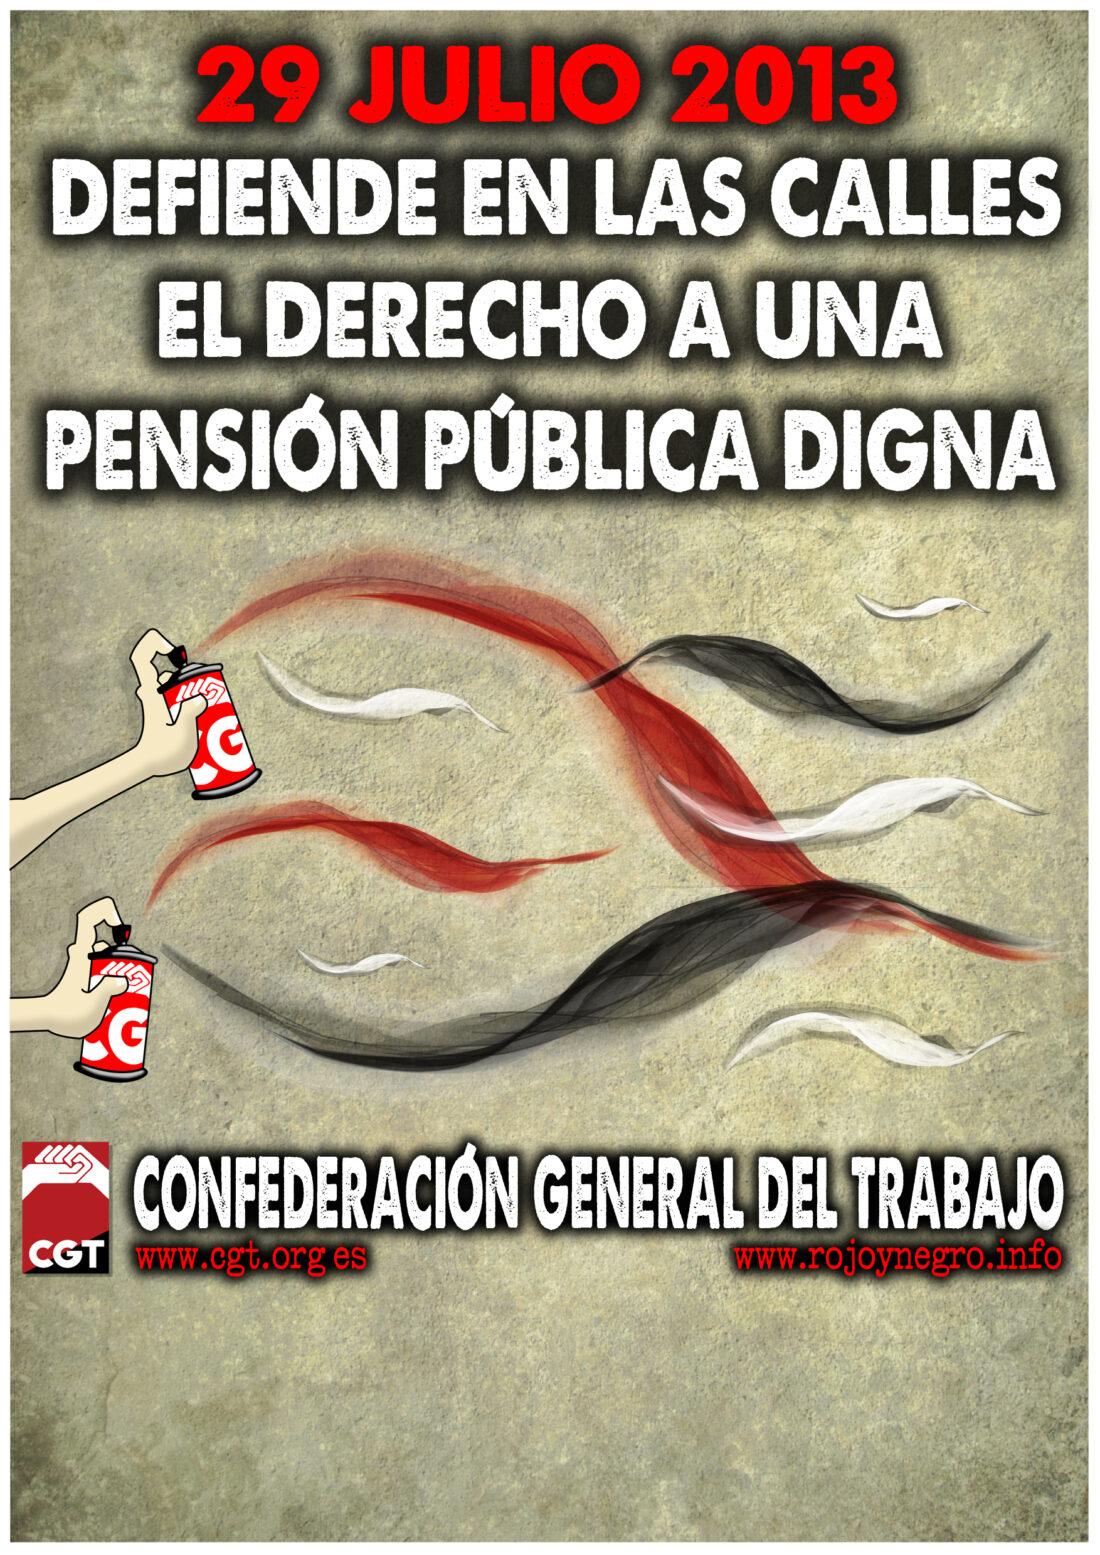 29J: CGT convoca Jornada de movilización estatal contra la reforma de las pensiones